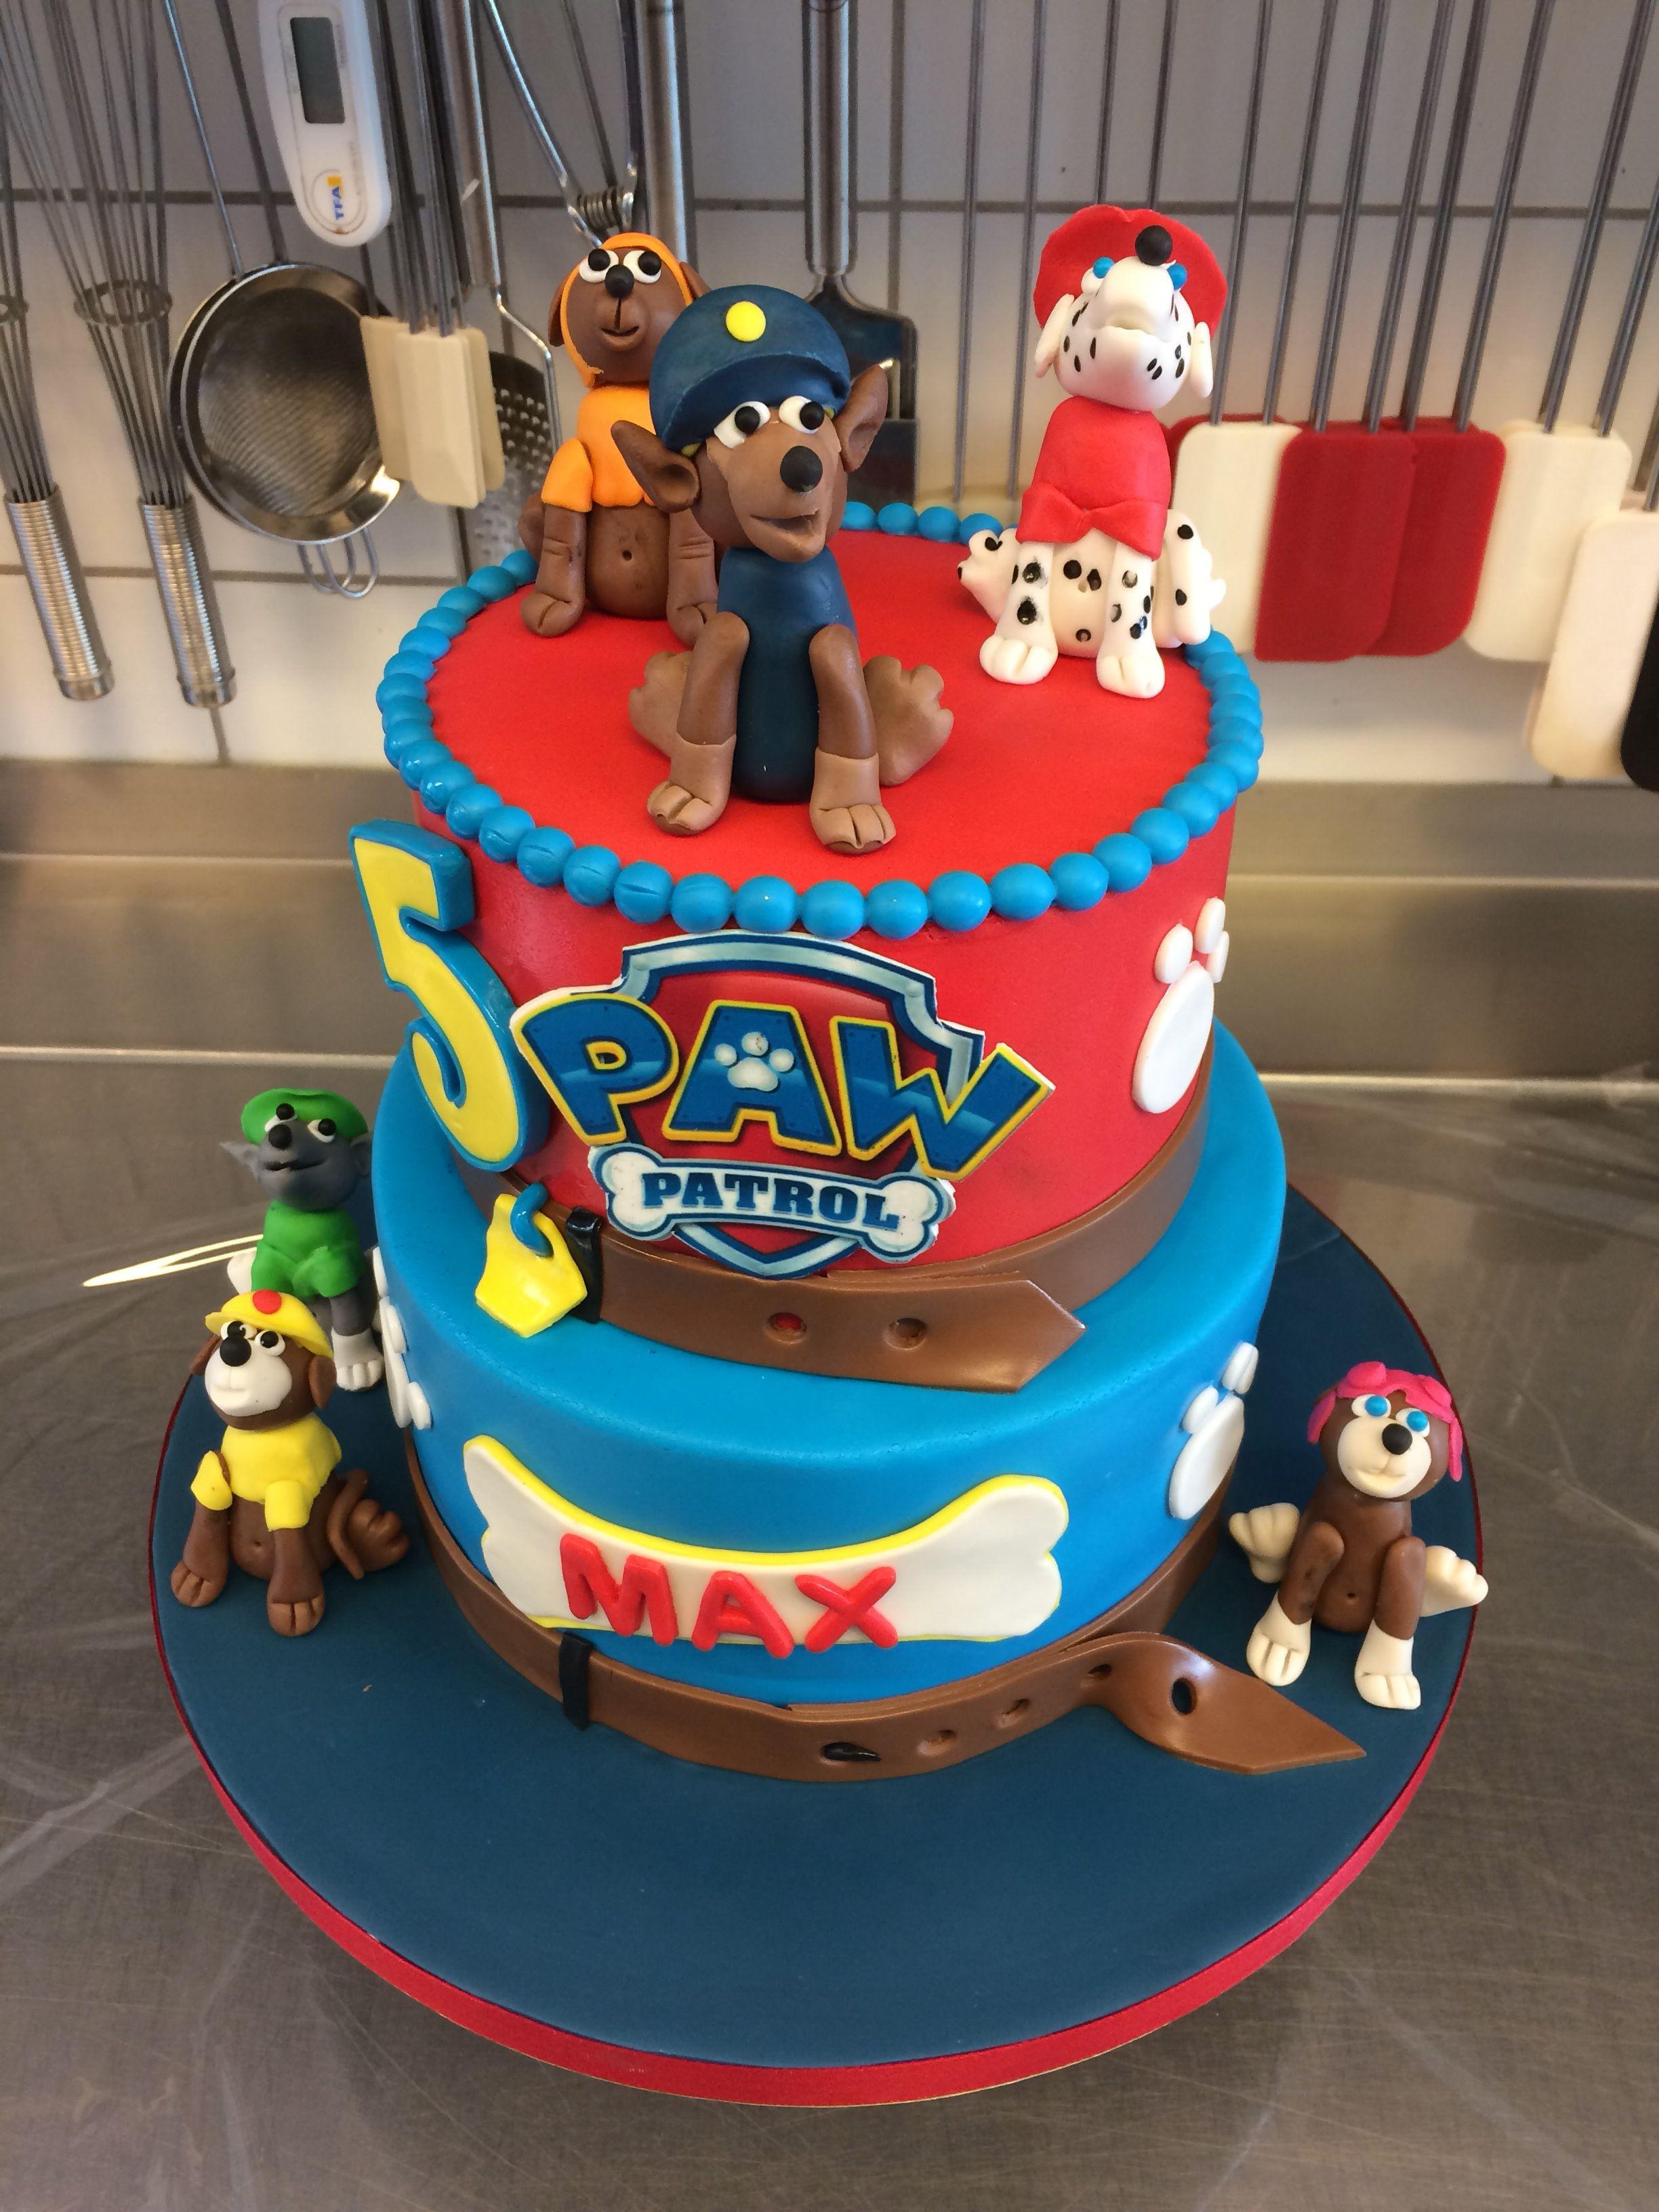 Paw Patrol Geburtstagstorte Geburtstagstorte Motivtorten Geburtstagskuchen